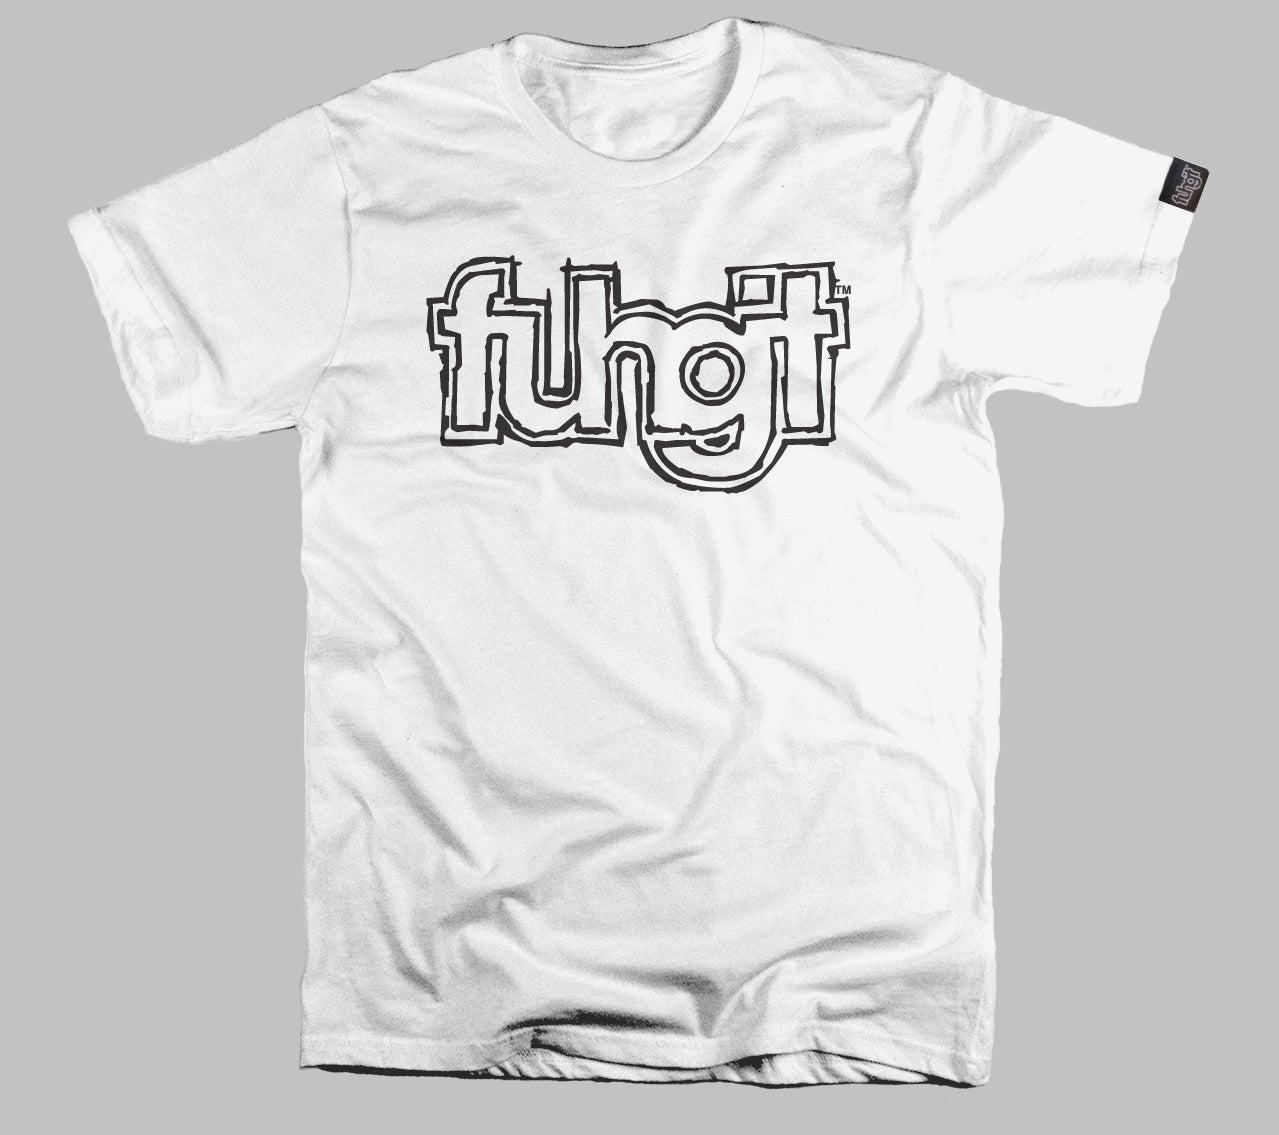 Image of fuhgit™ sketch logo T shirt